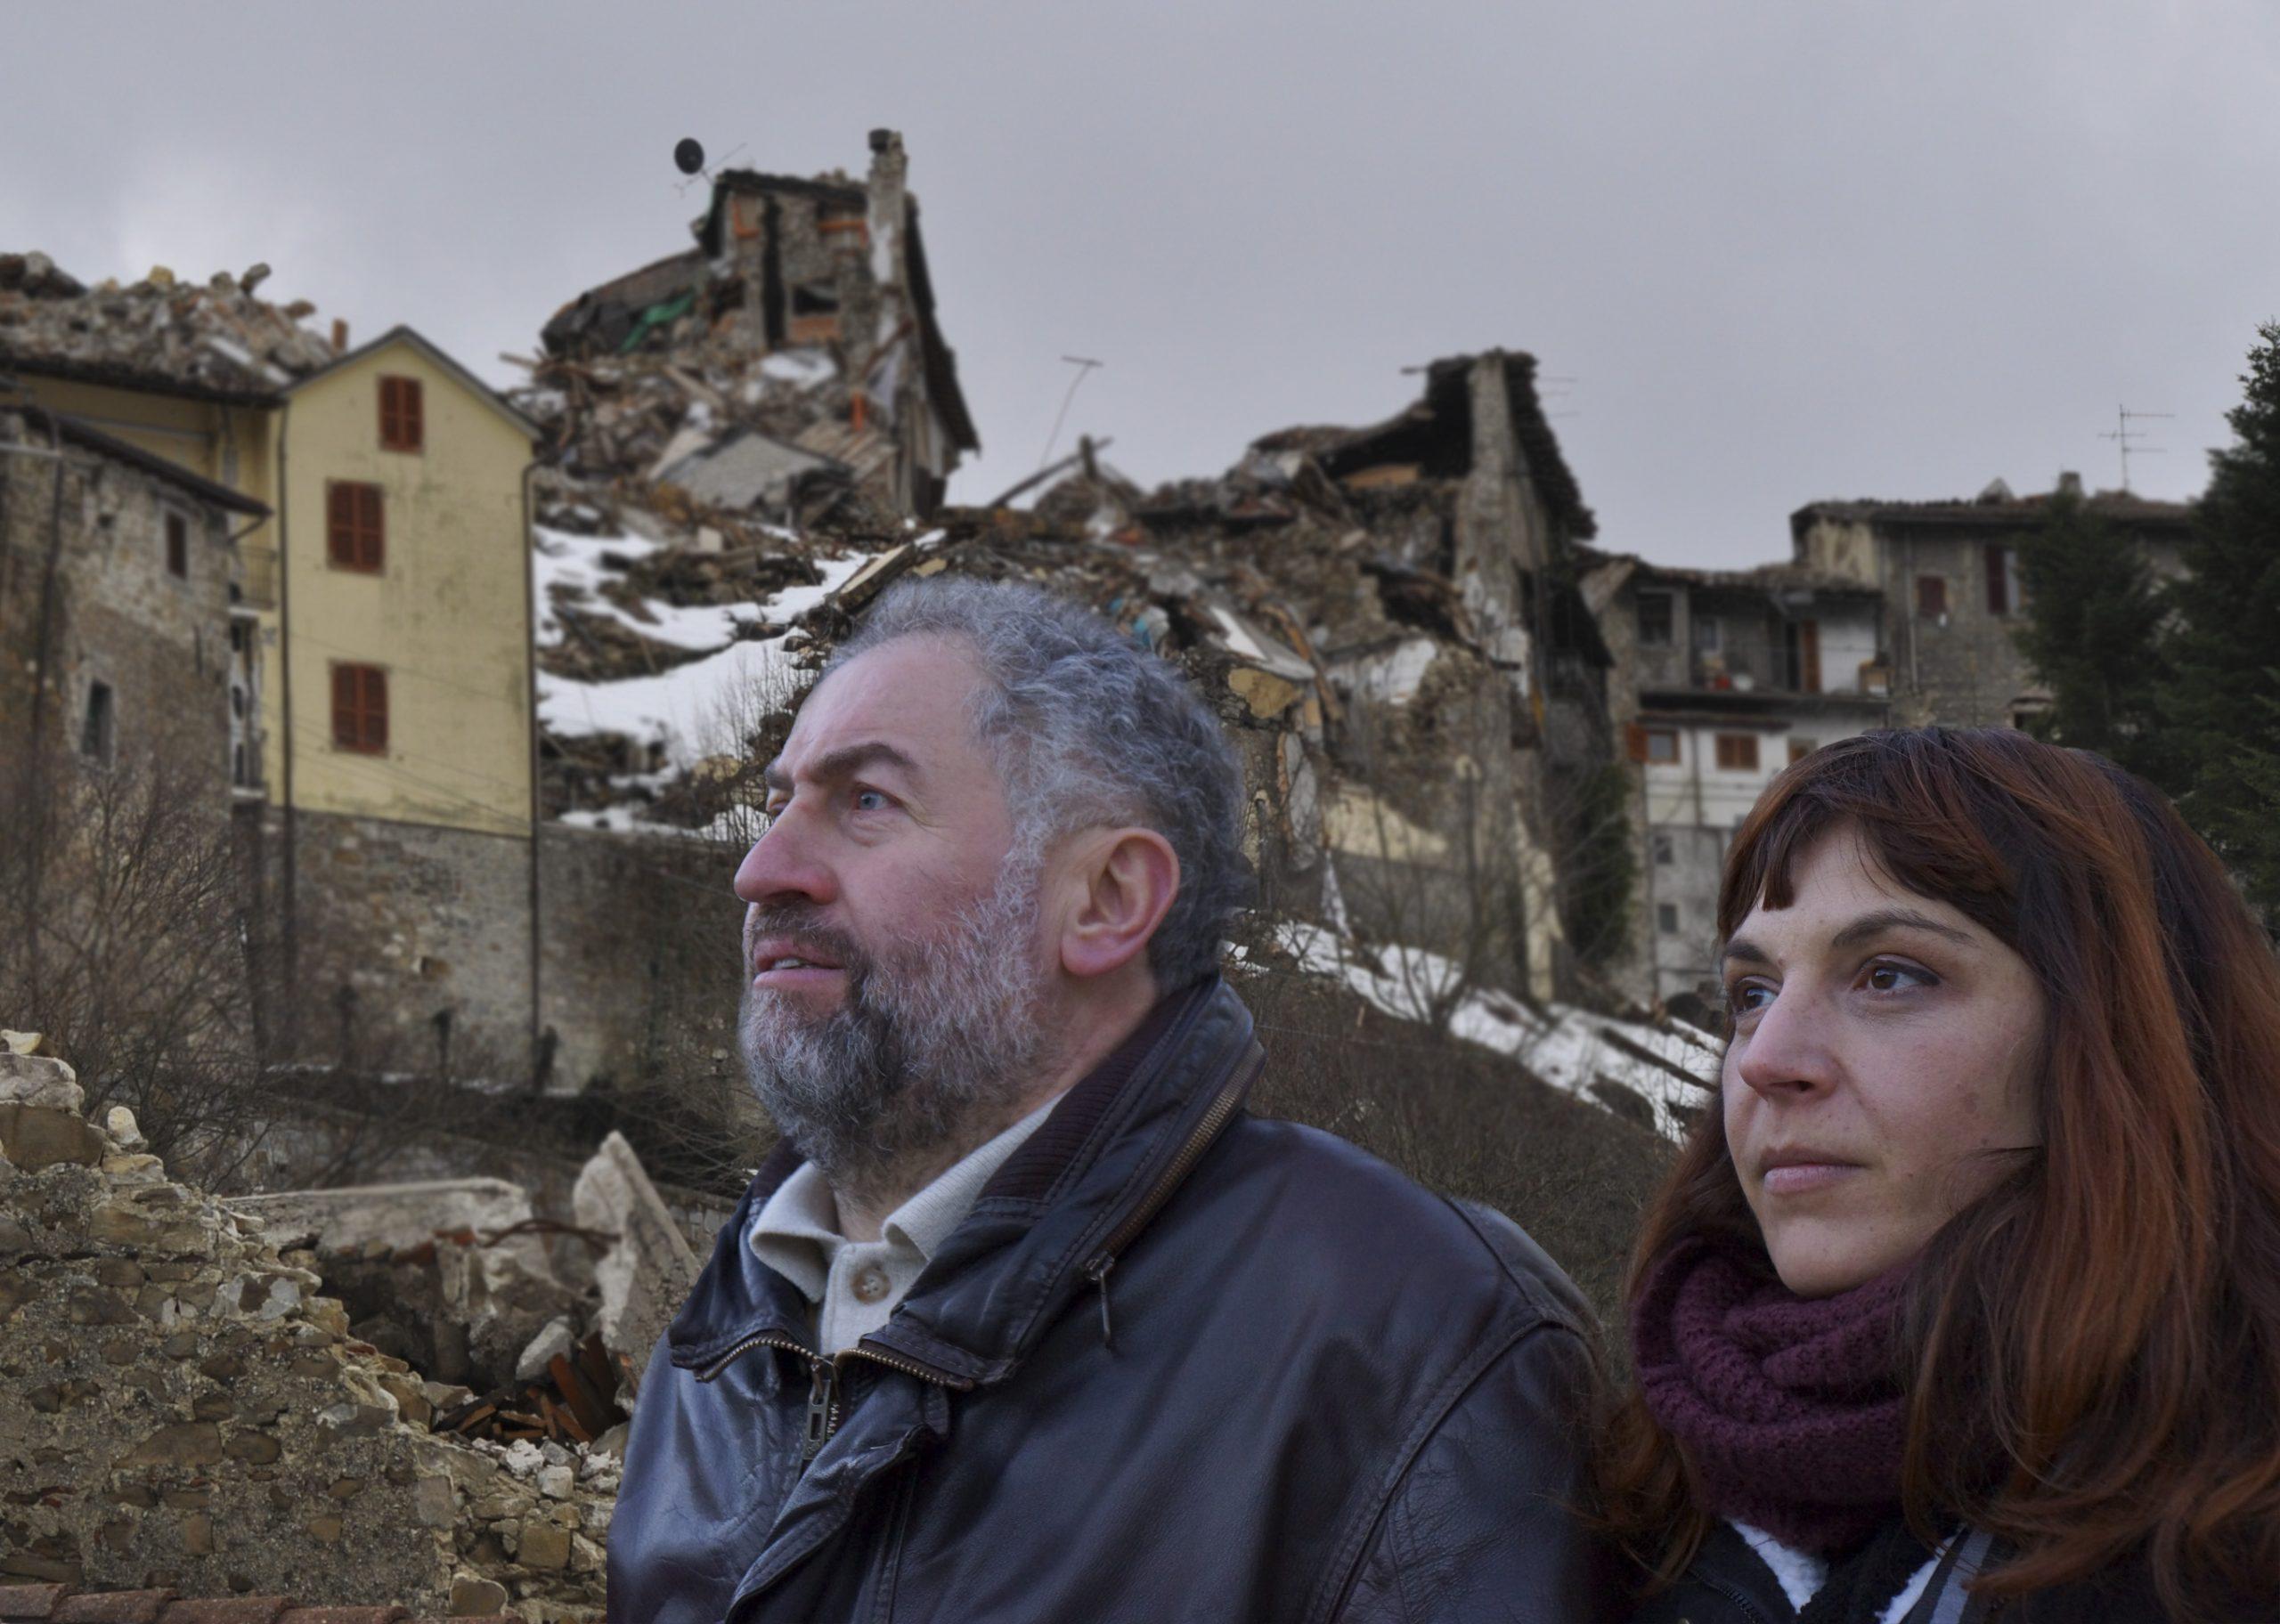 Arquata del Tronto dopo il sisma: il turismo che non c'era